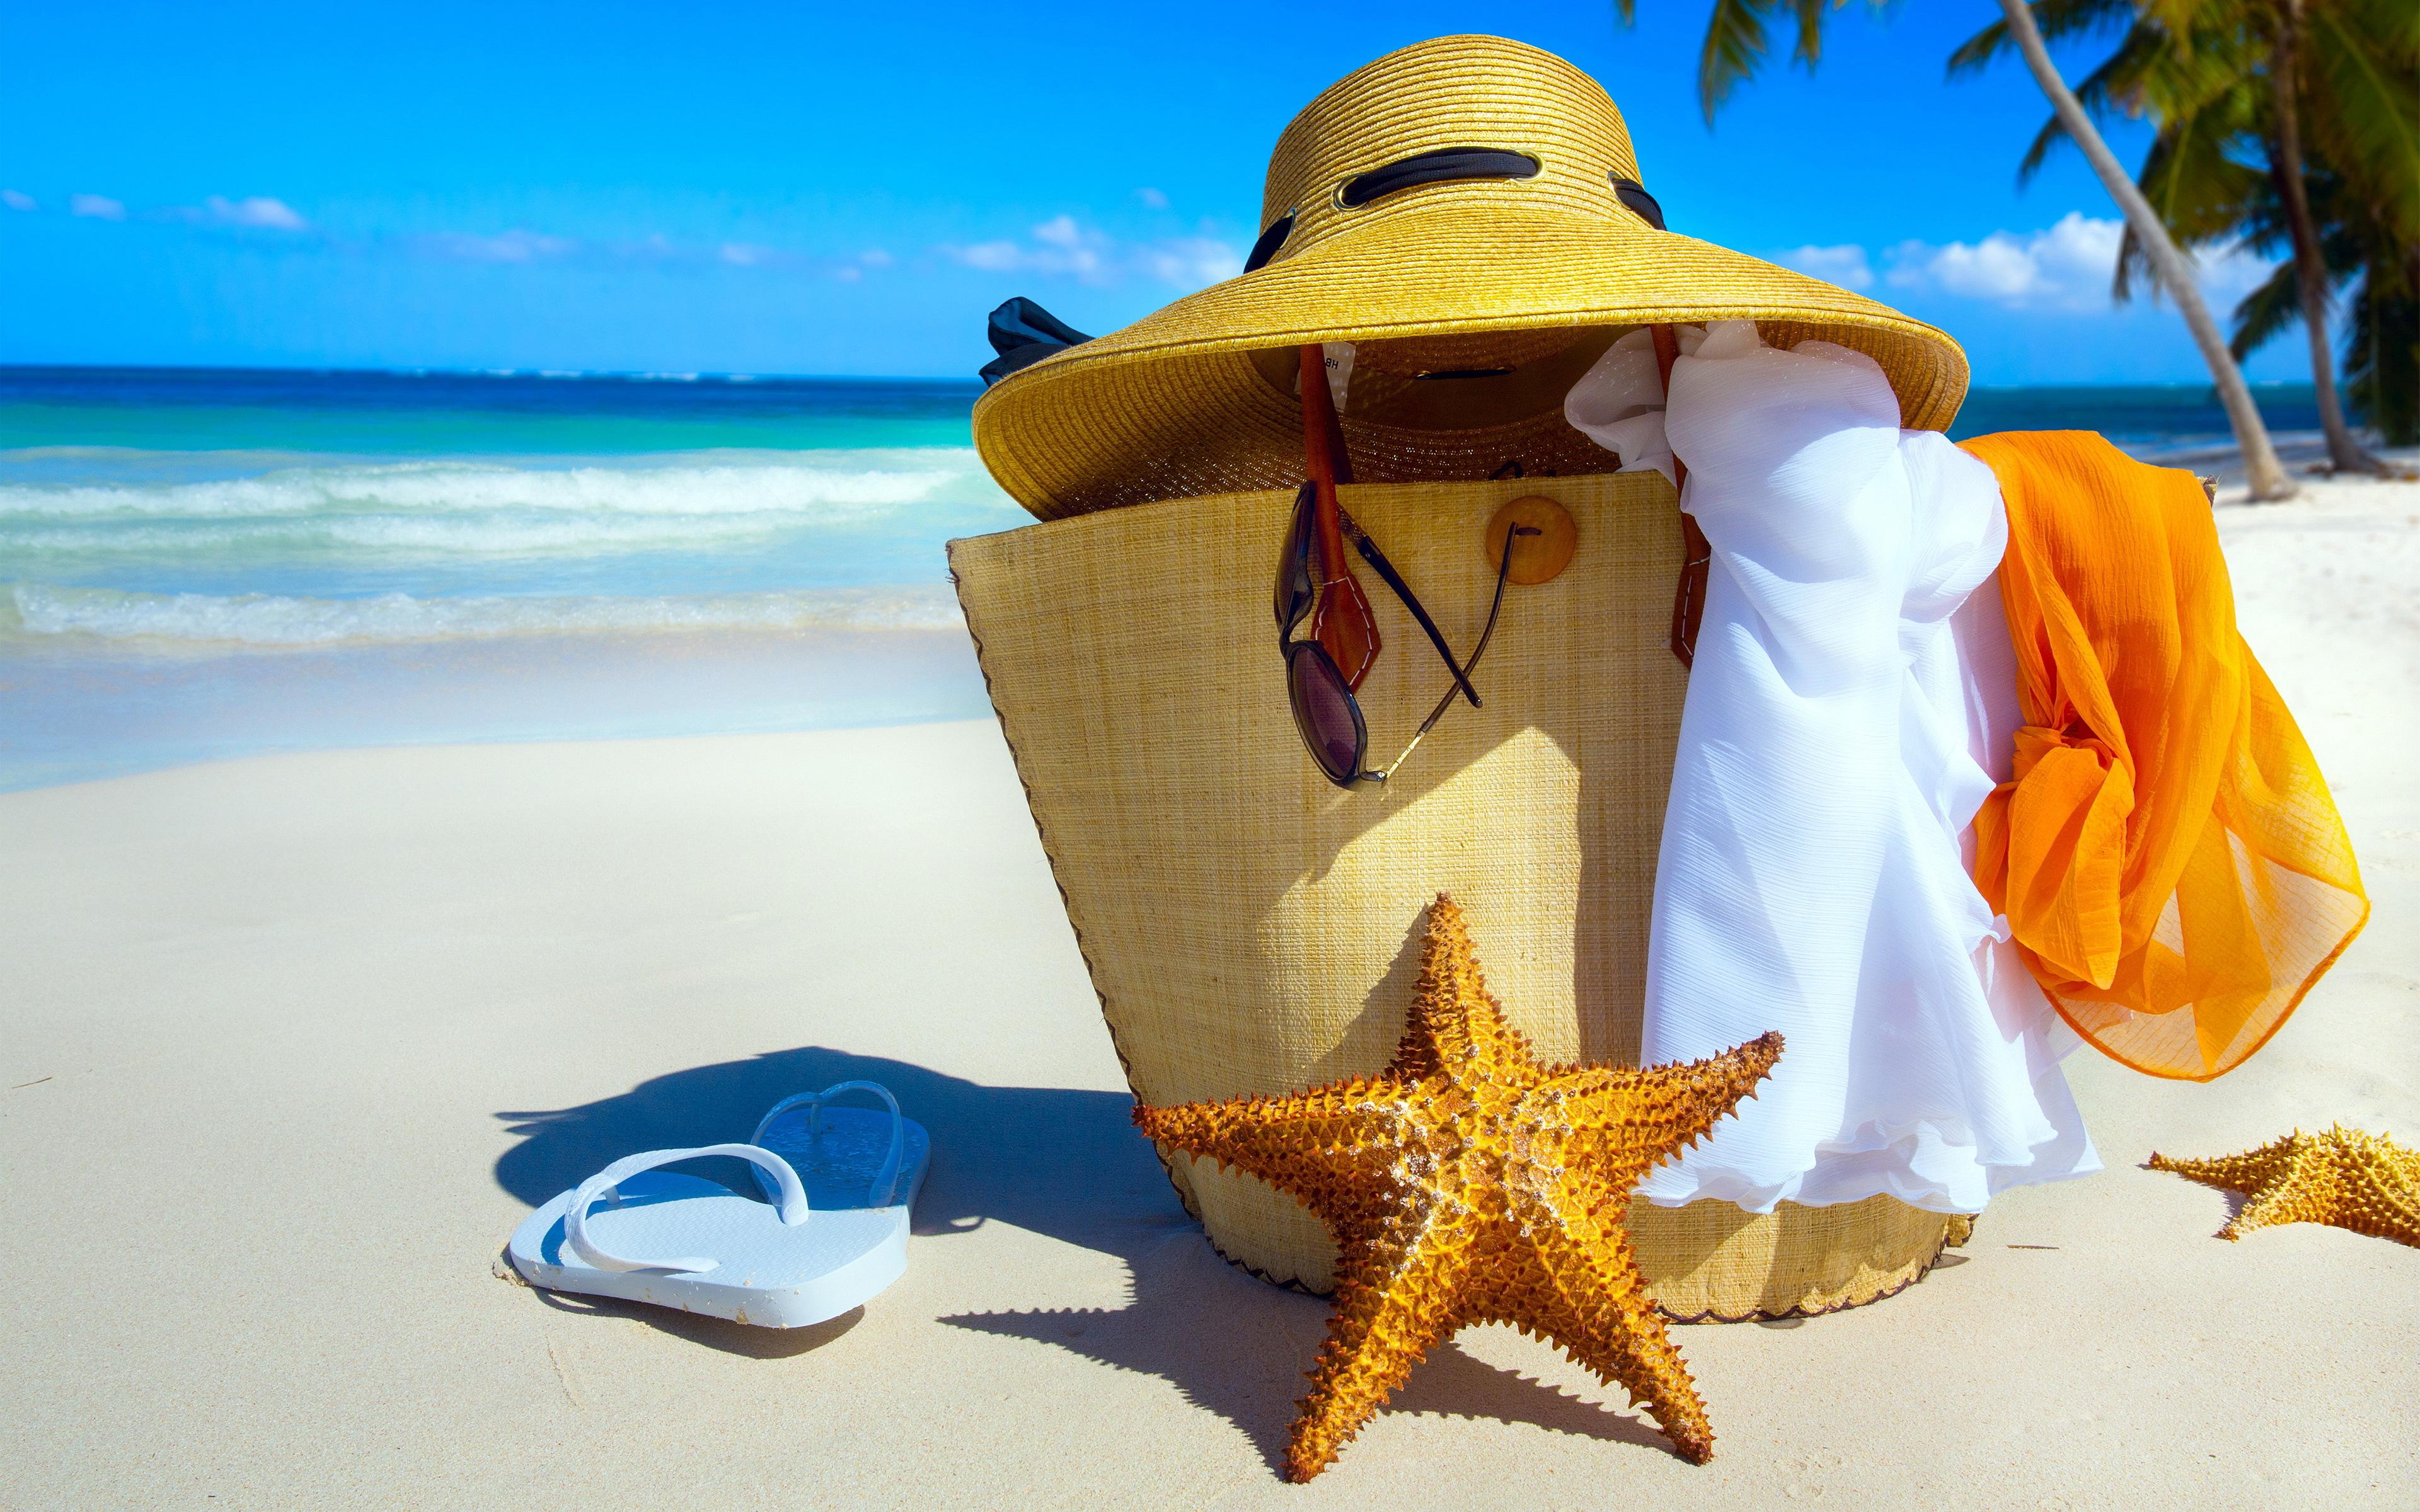 beach vacation widescreen wallpaper 50437